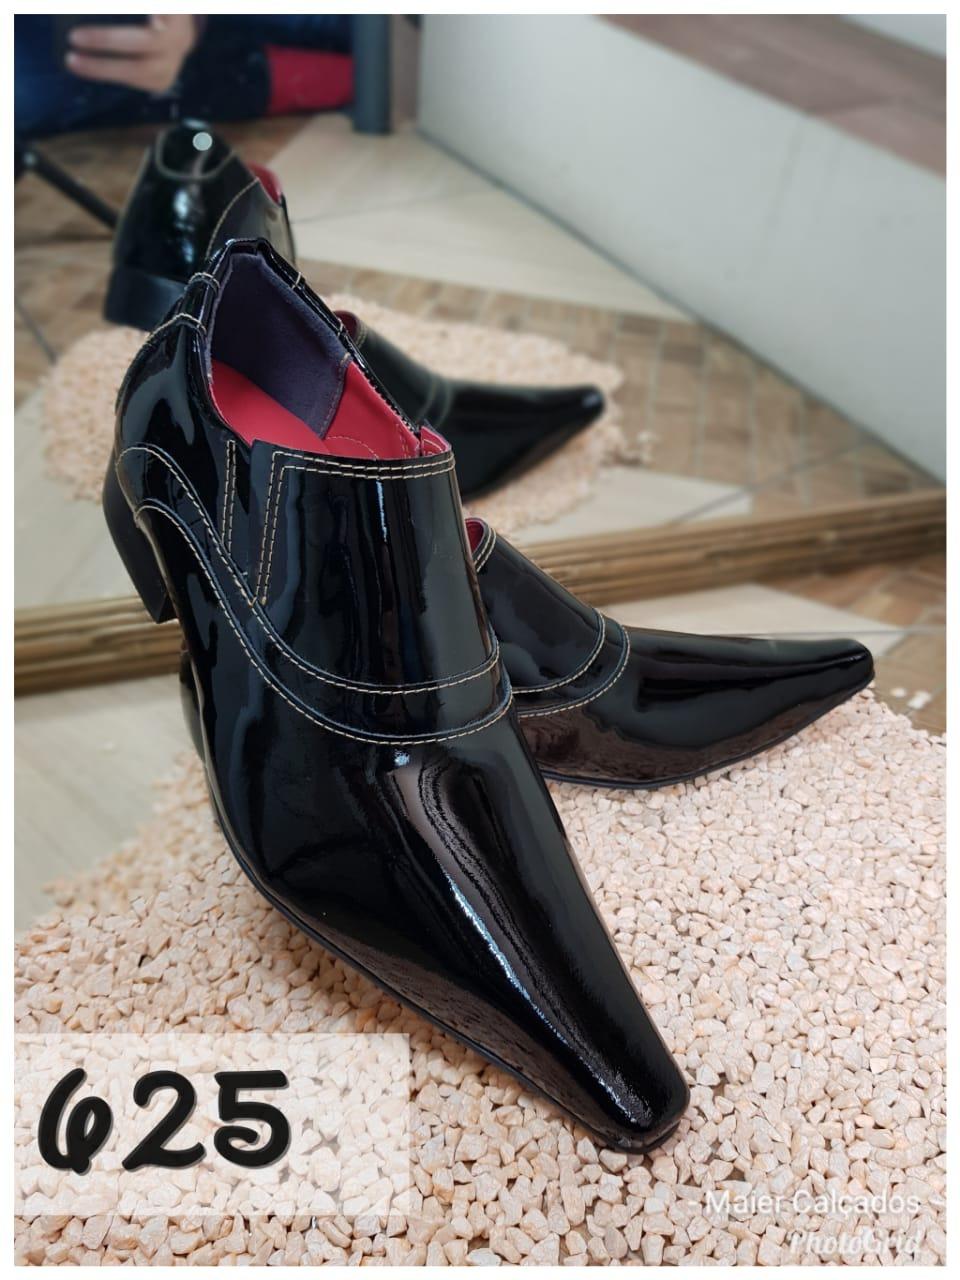 40f85724b Sapatos social clássico em preto verniz com bico extra fino 625 ...